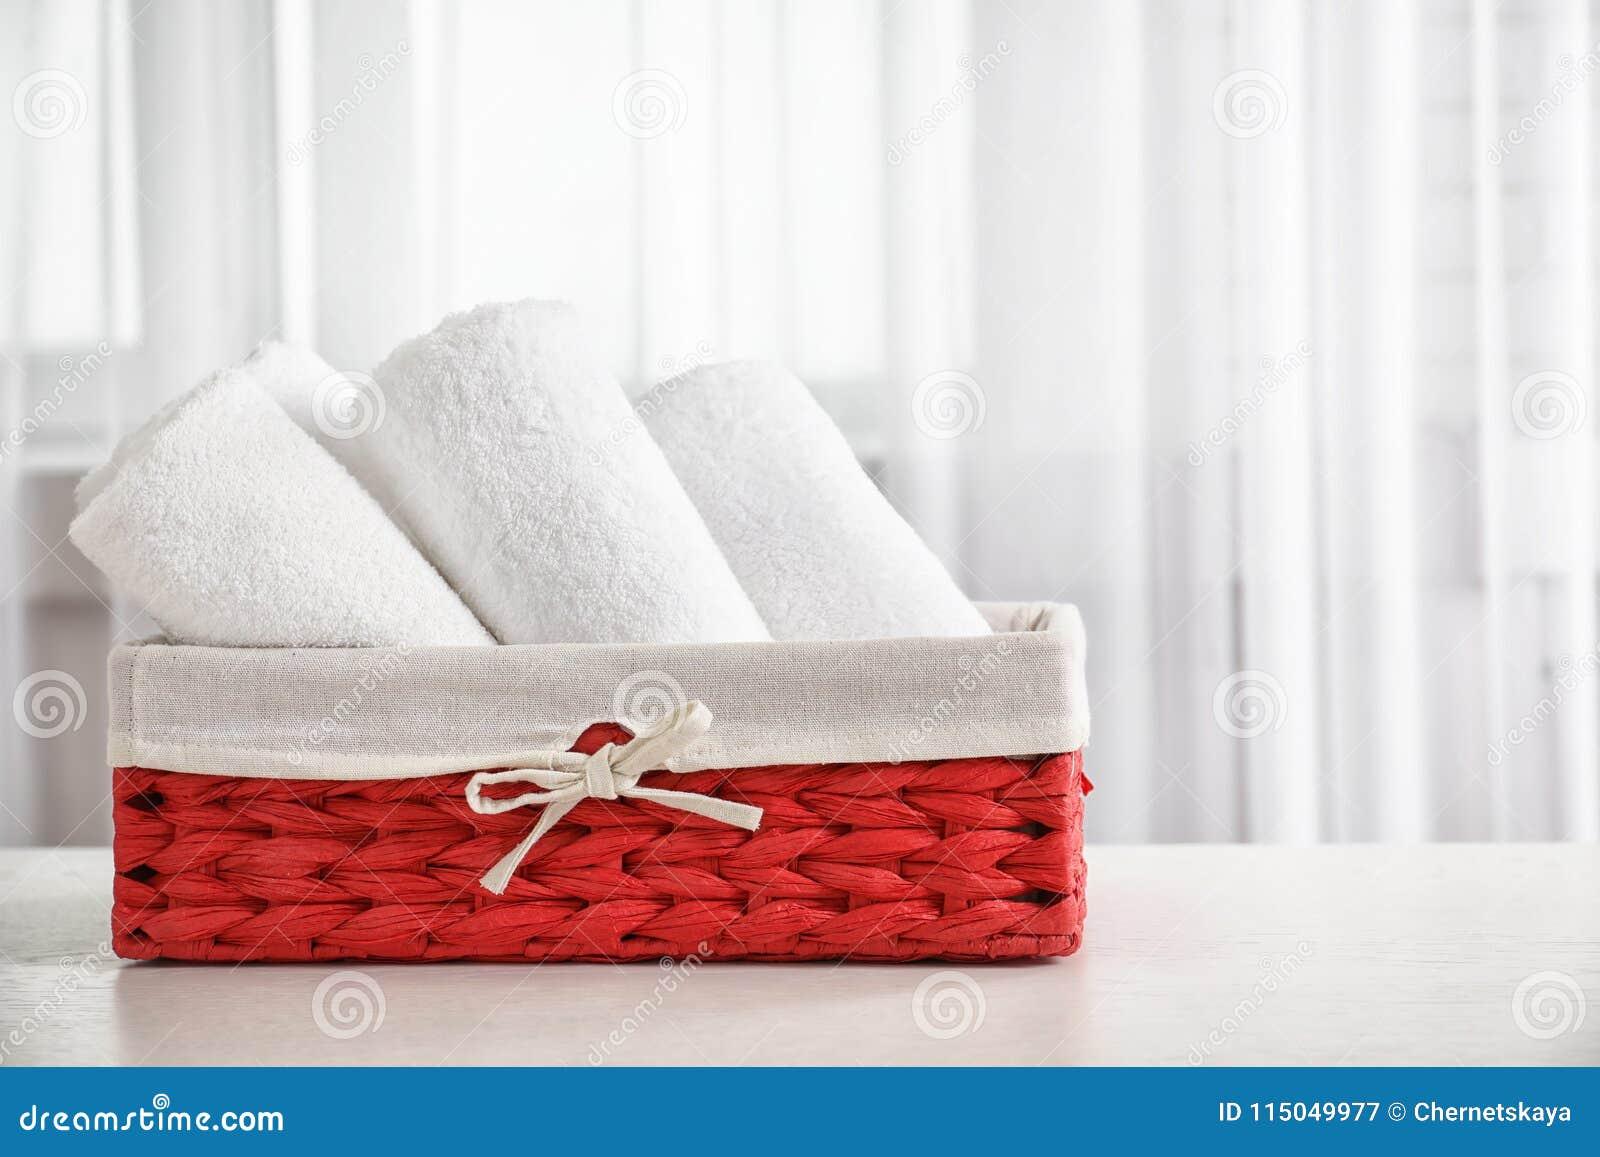 Canestro con gli asciugamani puliti